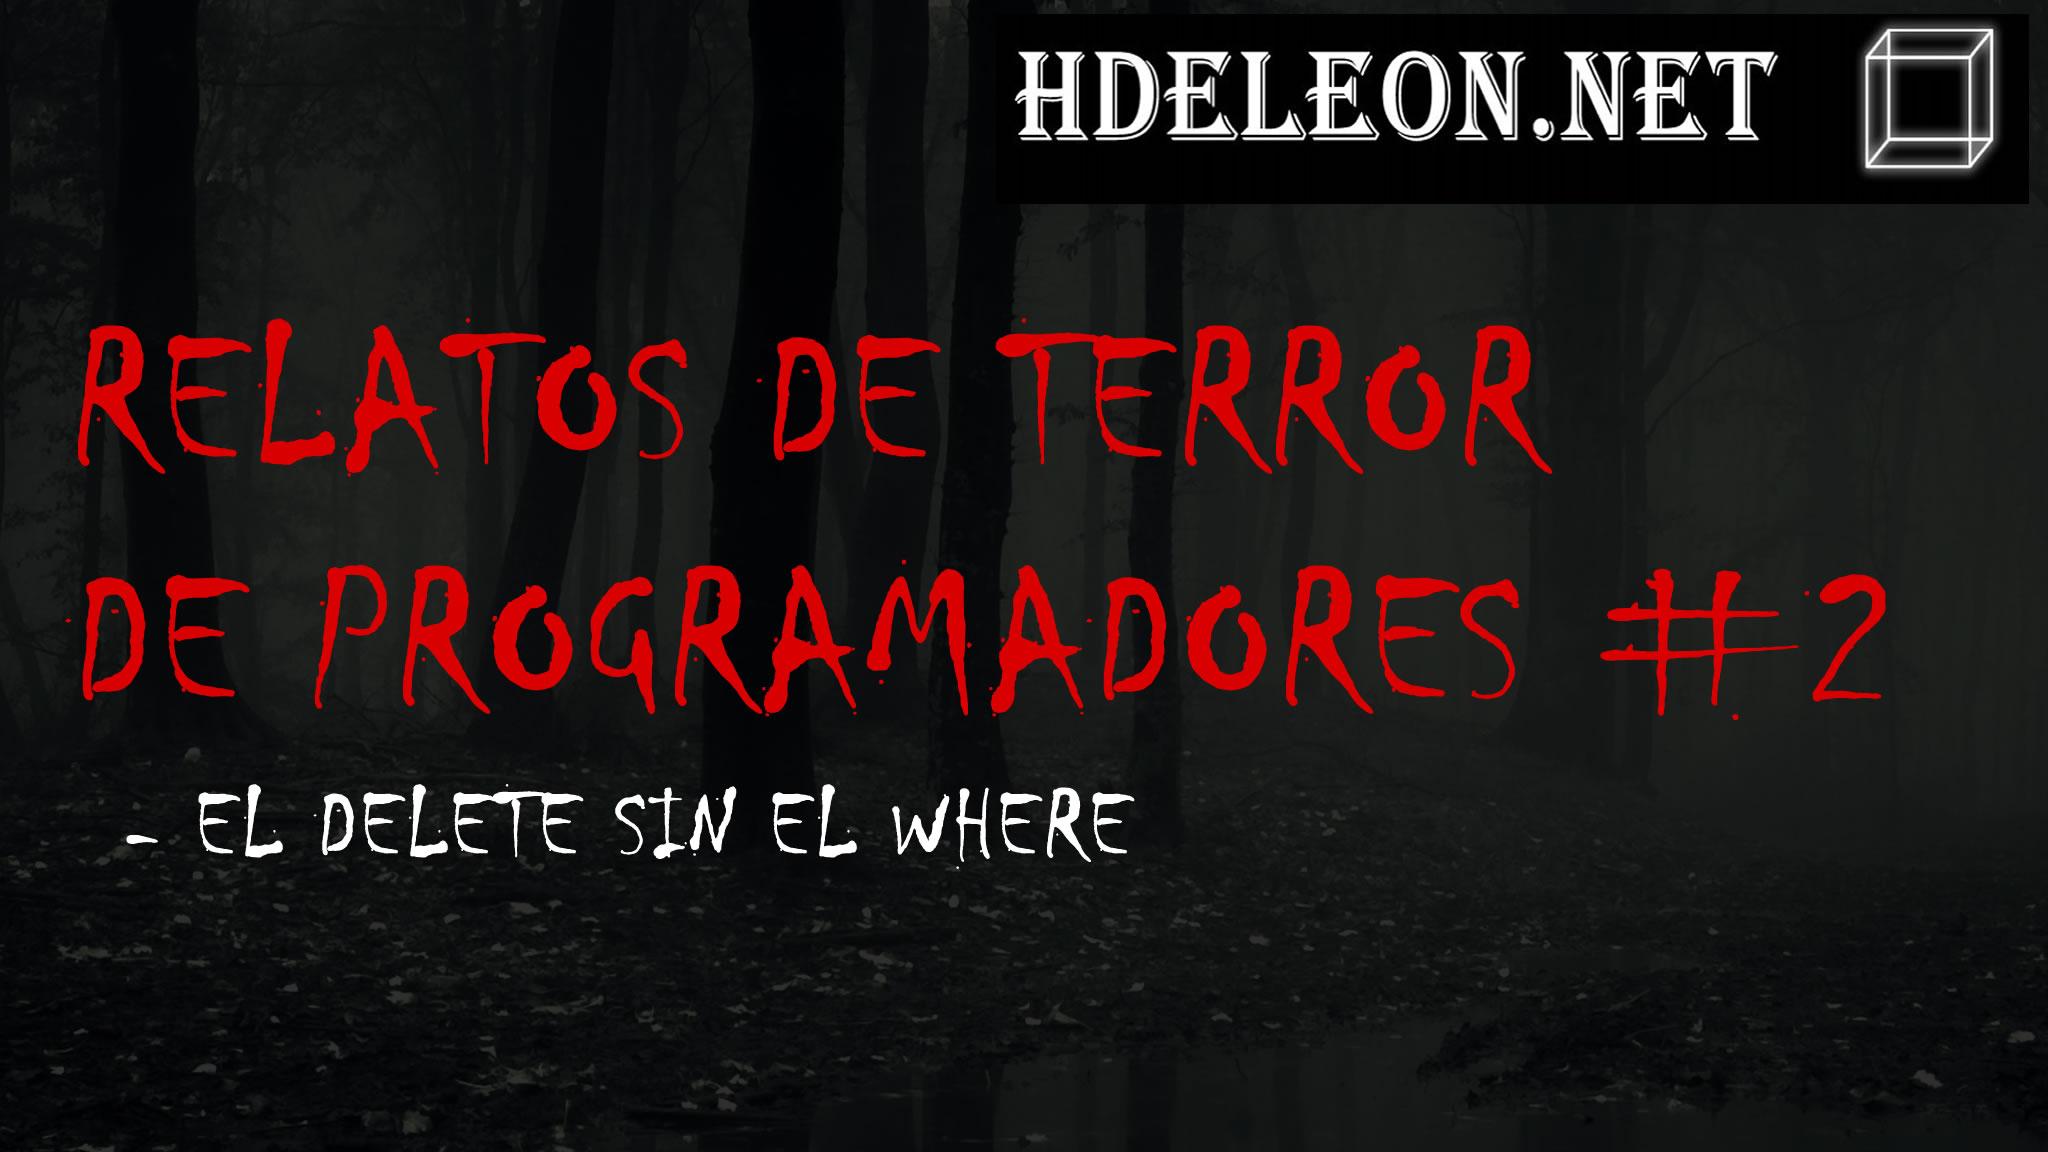 Relatos de terror de programadores #2, historias reales, El delete sin el where